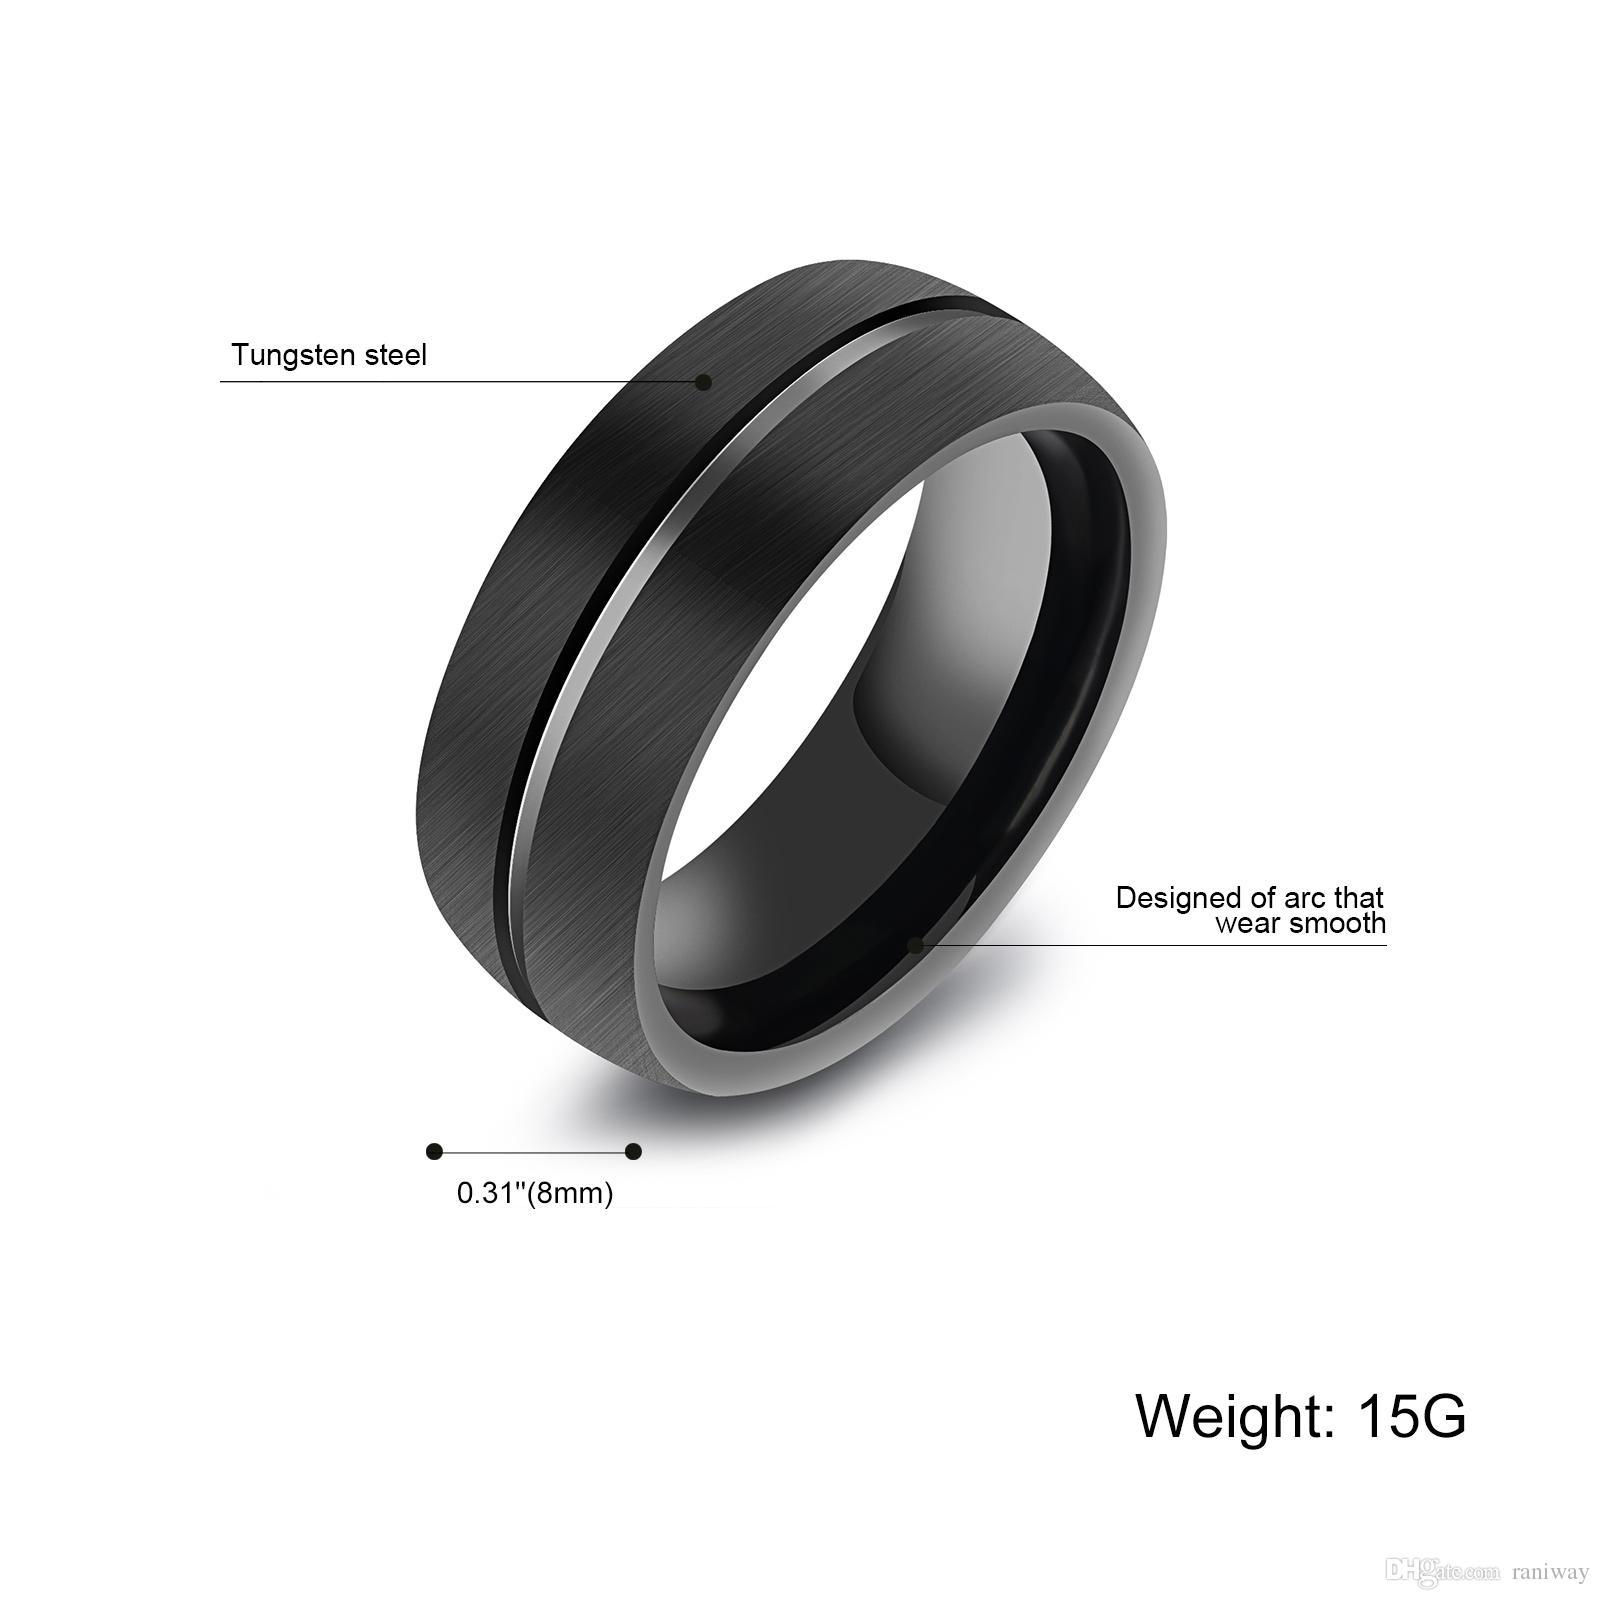 Fashion Black Uomo 8mm Classic Top Piatto-Top Spazzolato Centro Acciaio Tungsteno Anello in acciaio Grooved Banda di fidanzamento uomo Dimensione 8-11